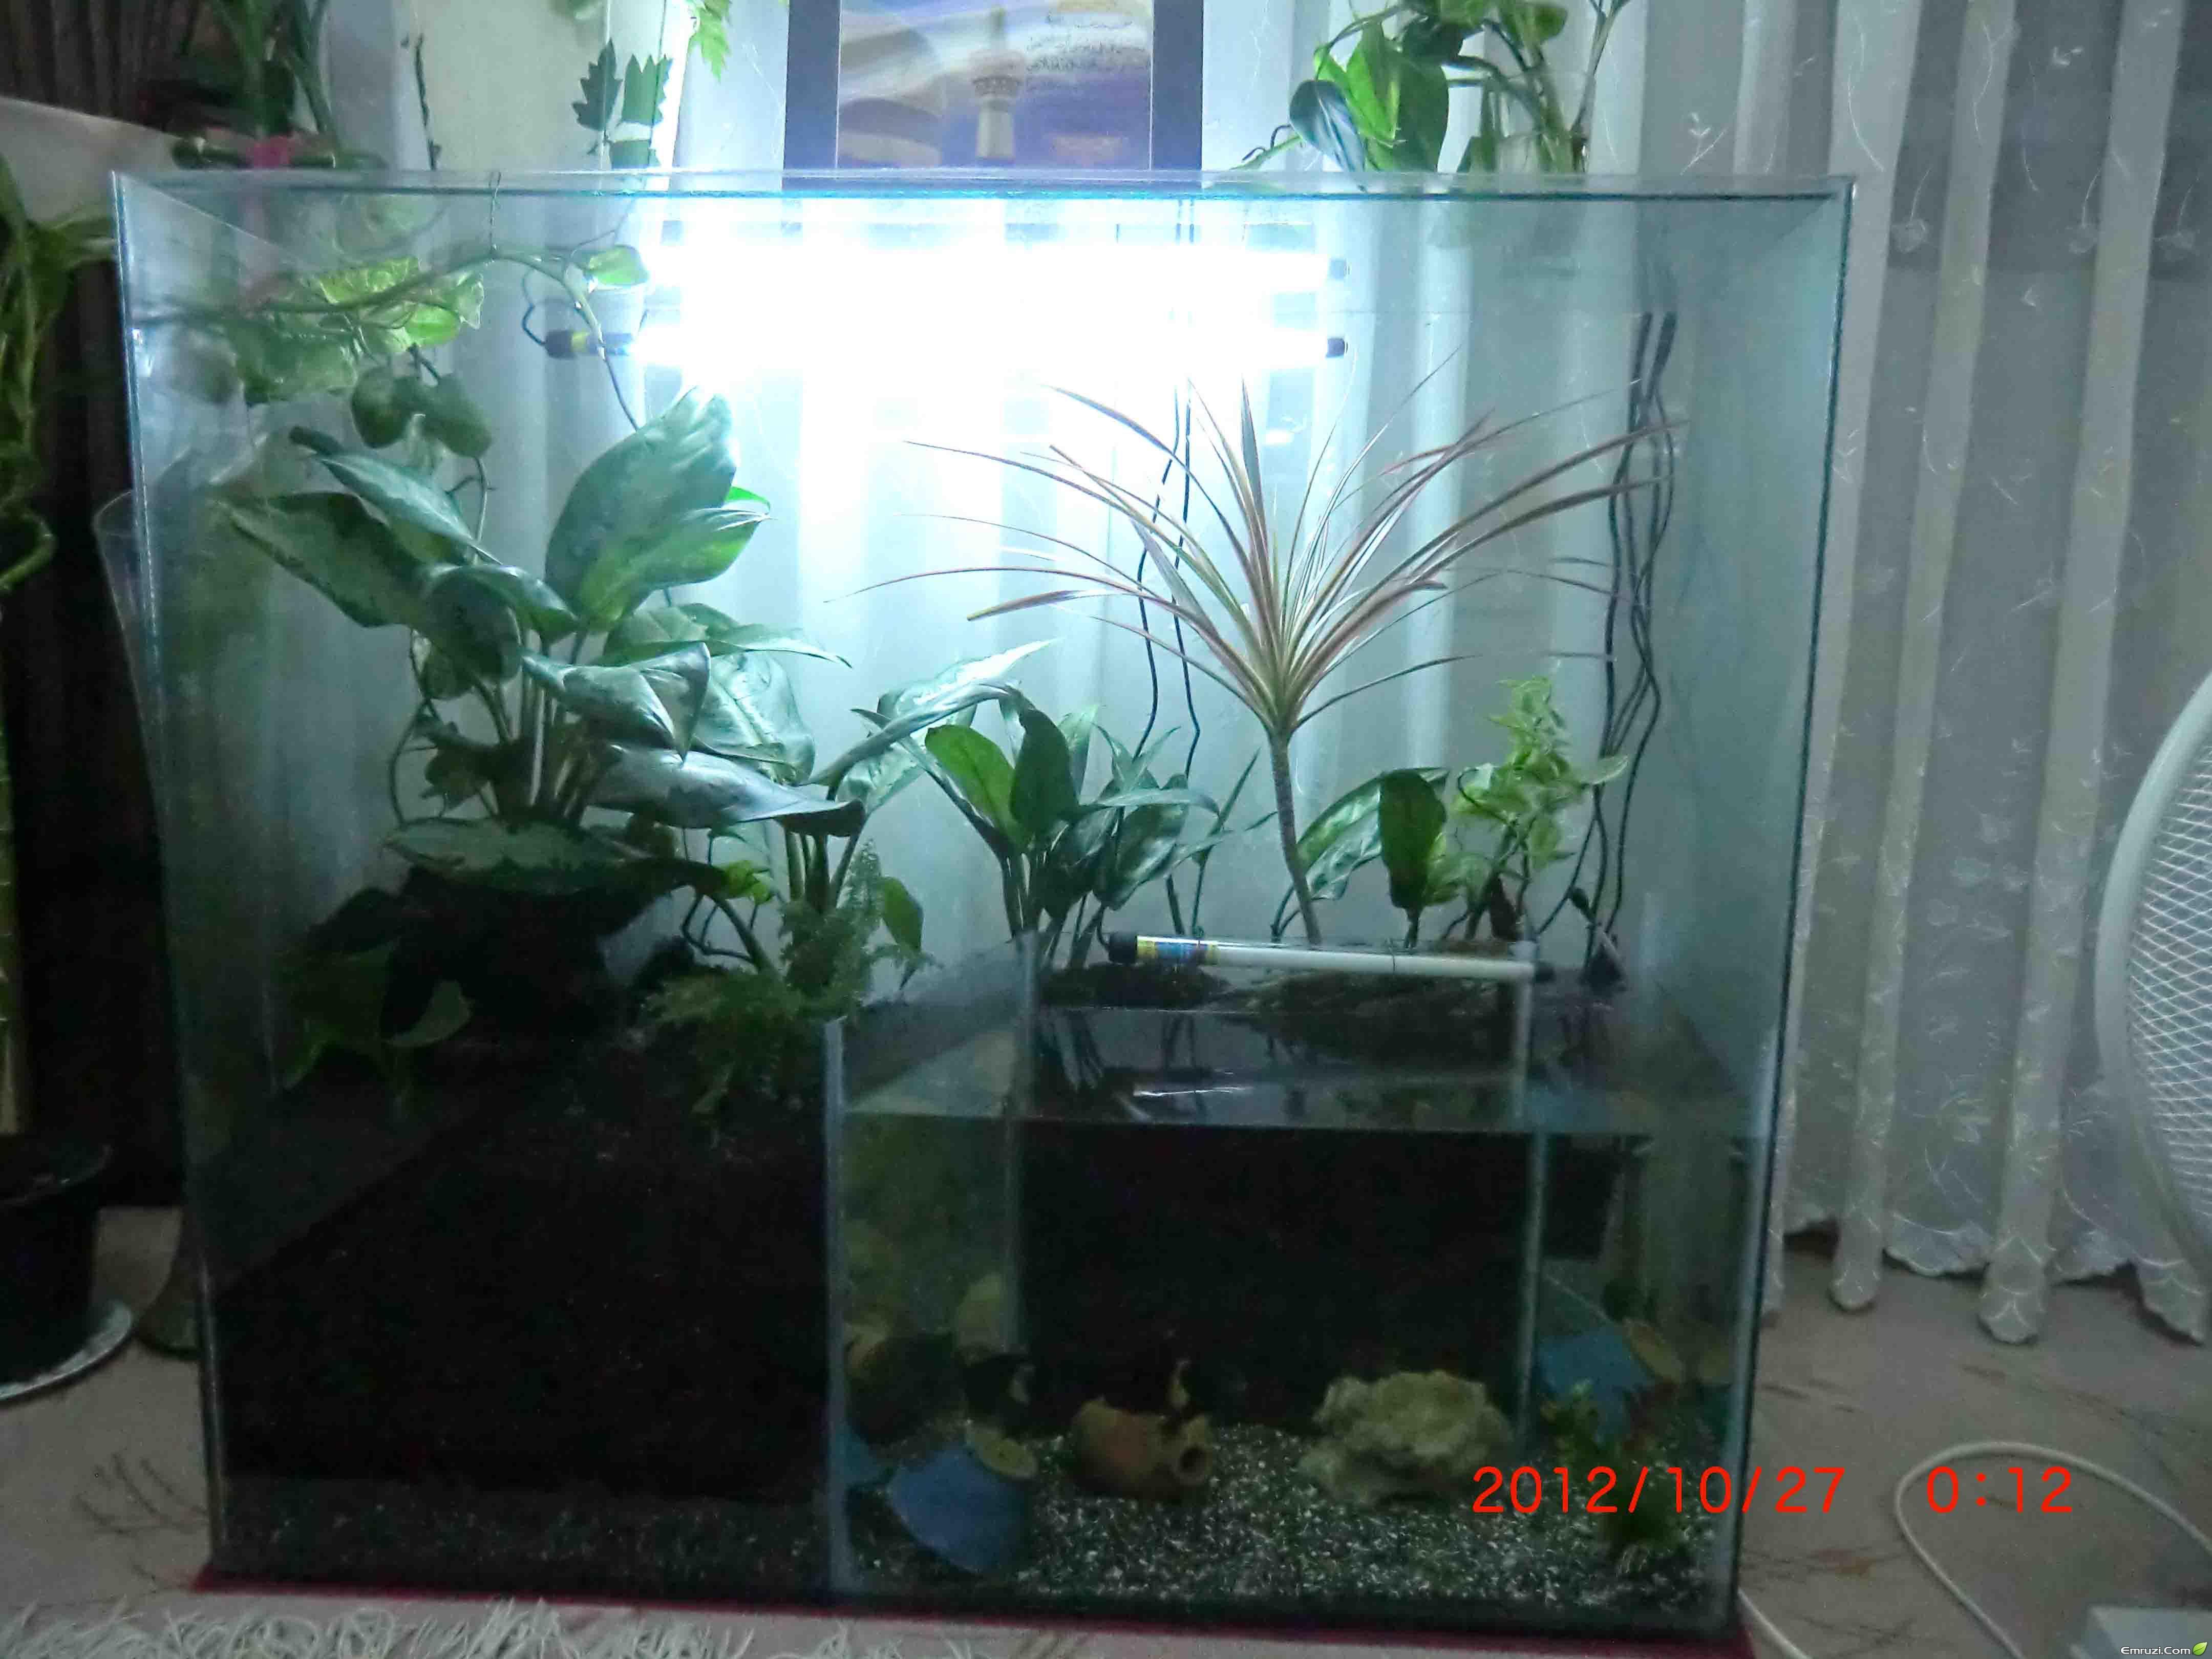 گلها و گیاهان زینتی - مراحل ساخت و راه اندازی تراریومتصویر بالا مربوط به تراریوم تلفیقی ای هست که خودم درست کردم . البته هنوز  کامل نشده و باید روش کار کنم . در واقع من تو این تراریوم یه قسمت برای ماهی  ها ...